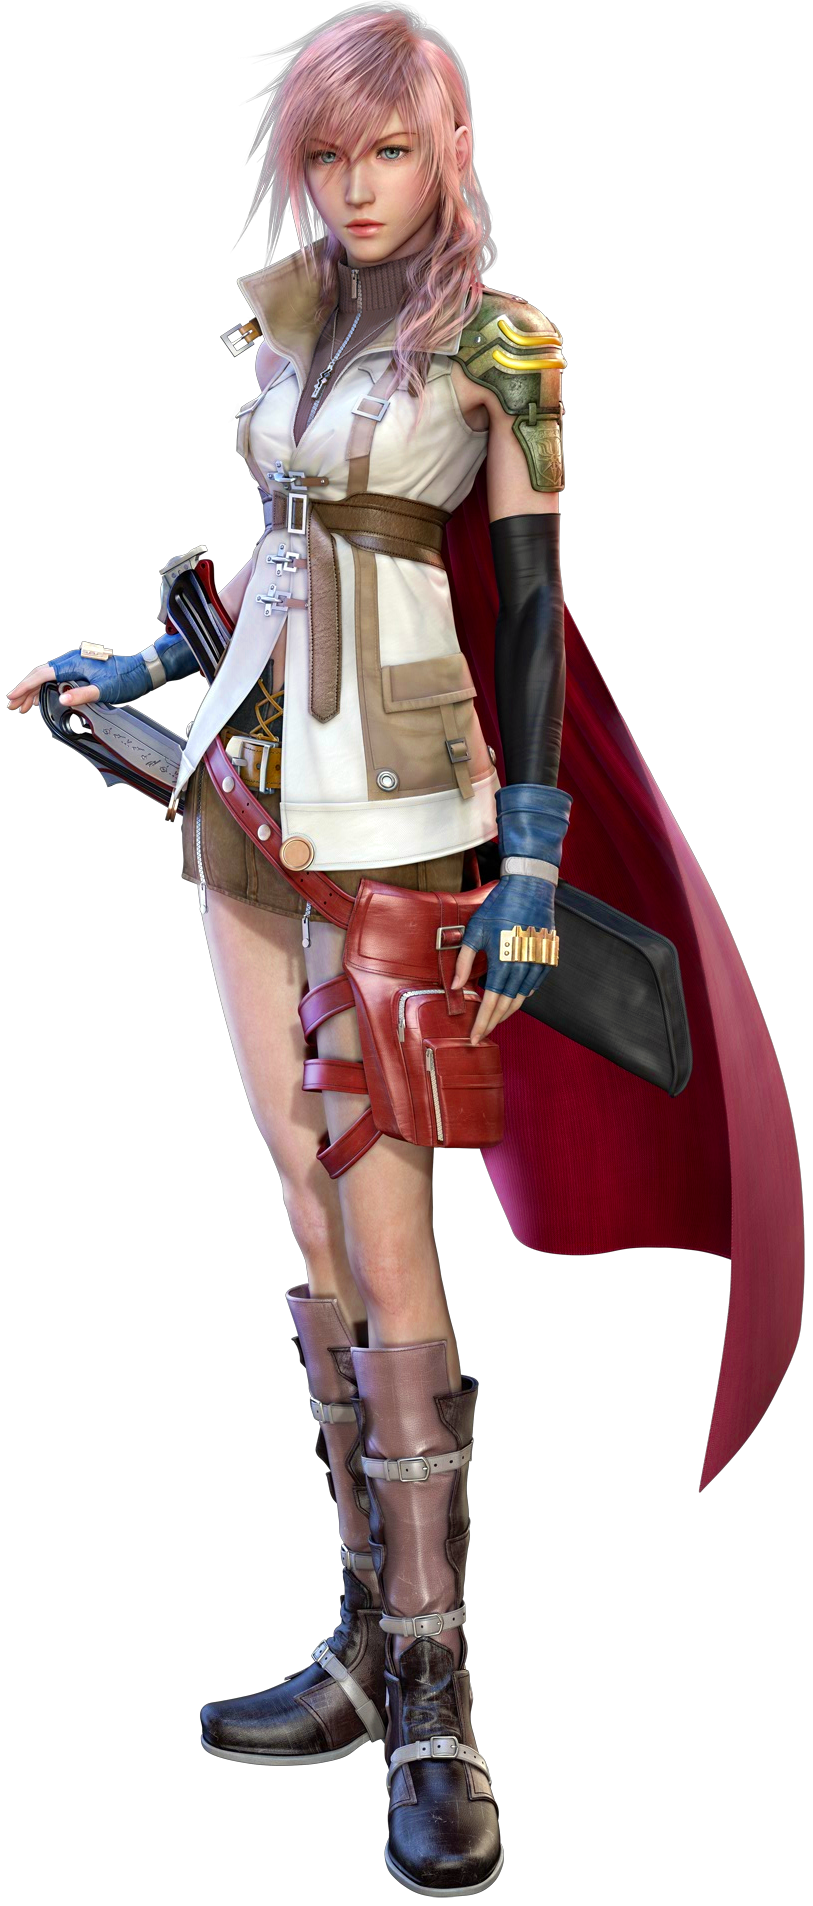 Lightning Final Fantasy Xiii Final Fantasy Wiki Fandom